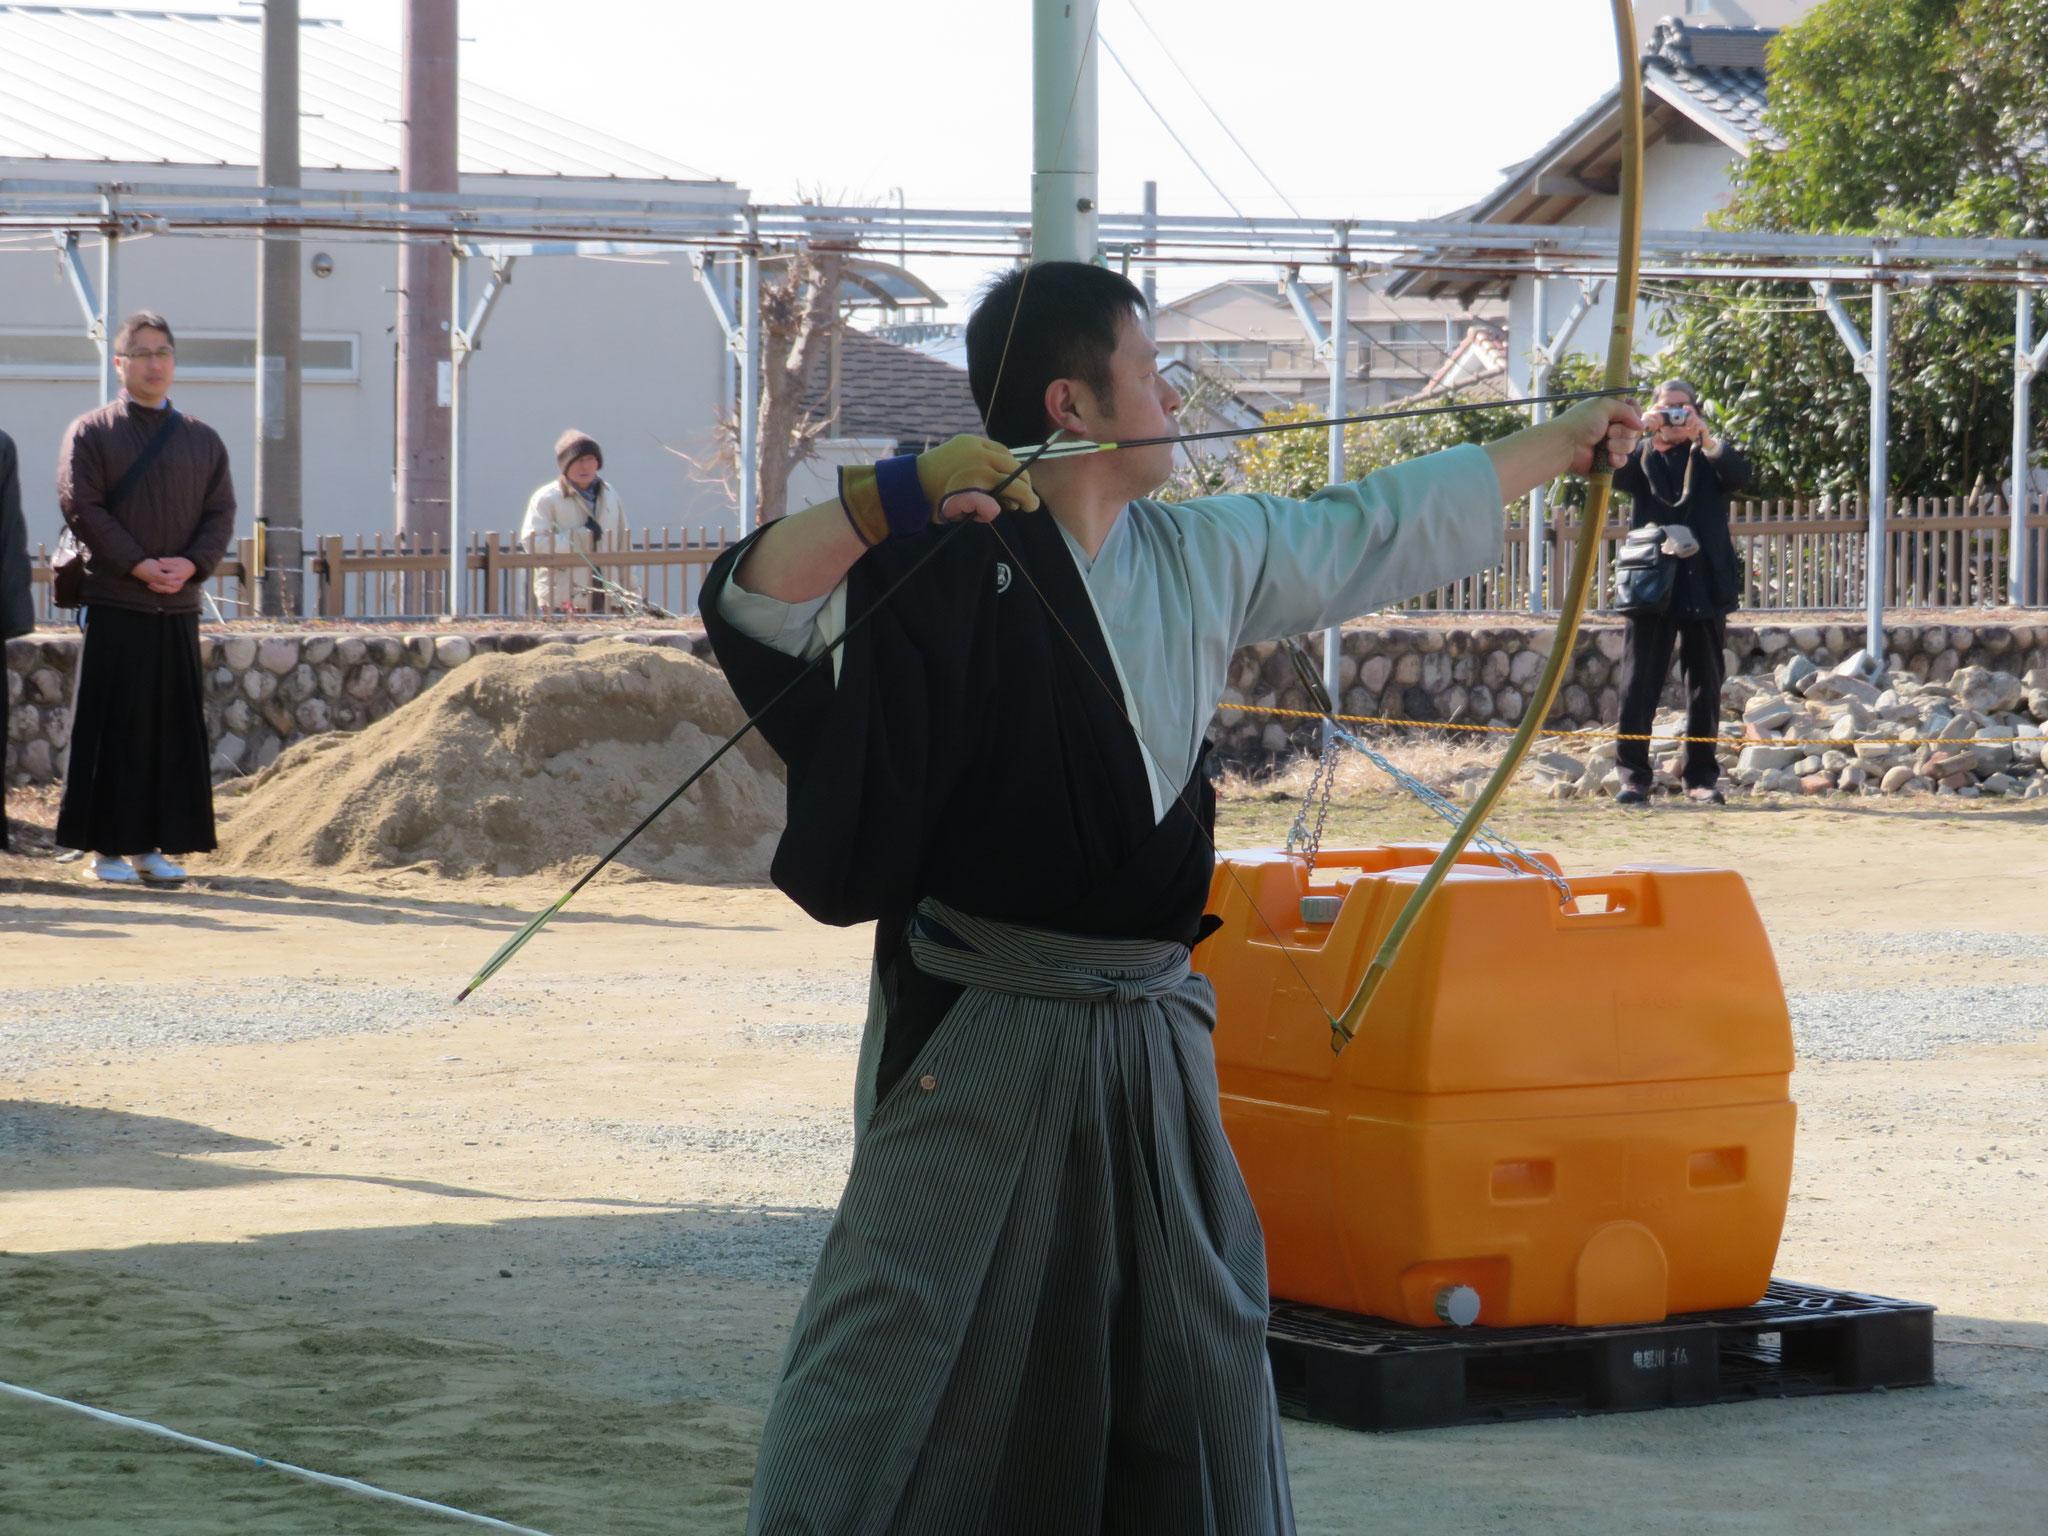 宝塚弓道協会所属の大西コーチが矢渡しを行いました